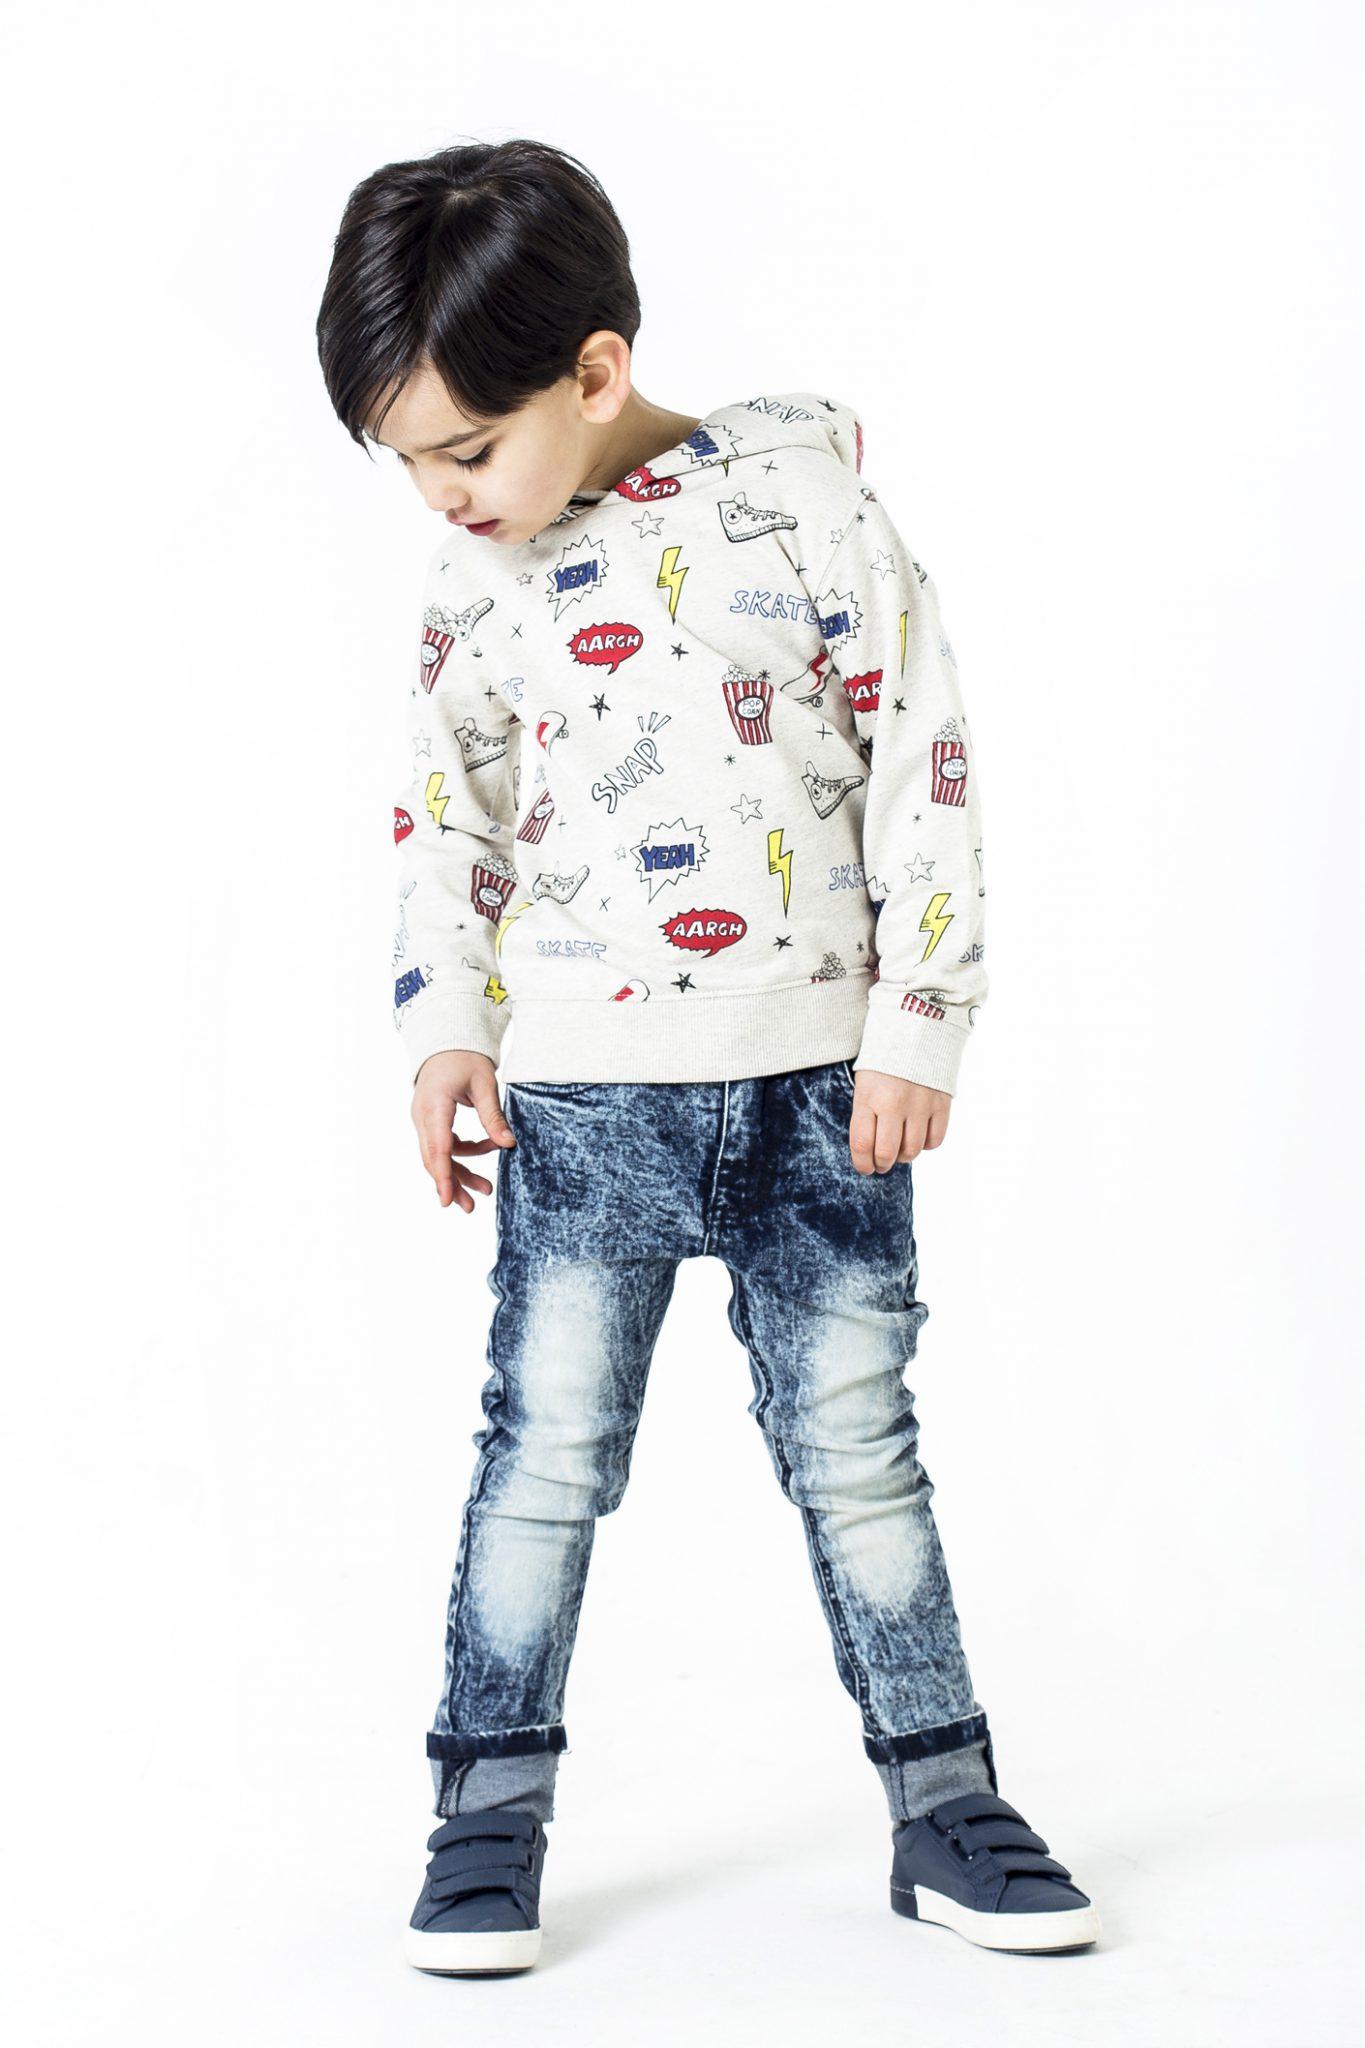 boyswear-fashion-photographer-manchester